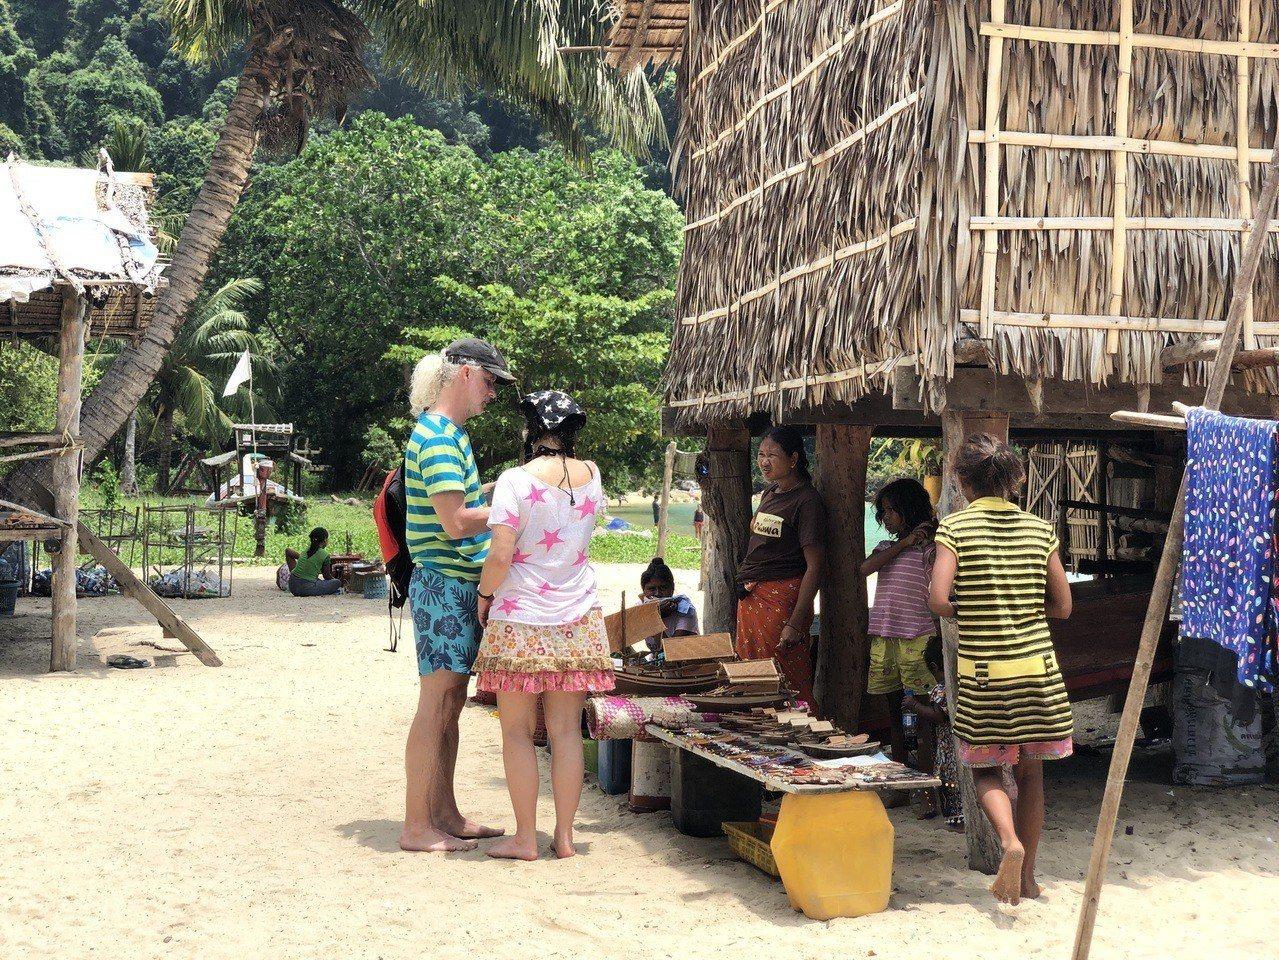 素林群島吉普賽村的婦女會以貝類製作手工藝品,販售給觀光客。 記者魏妤庭/攝影